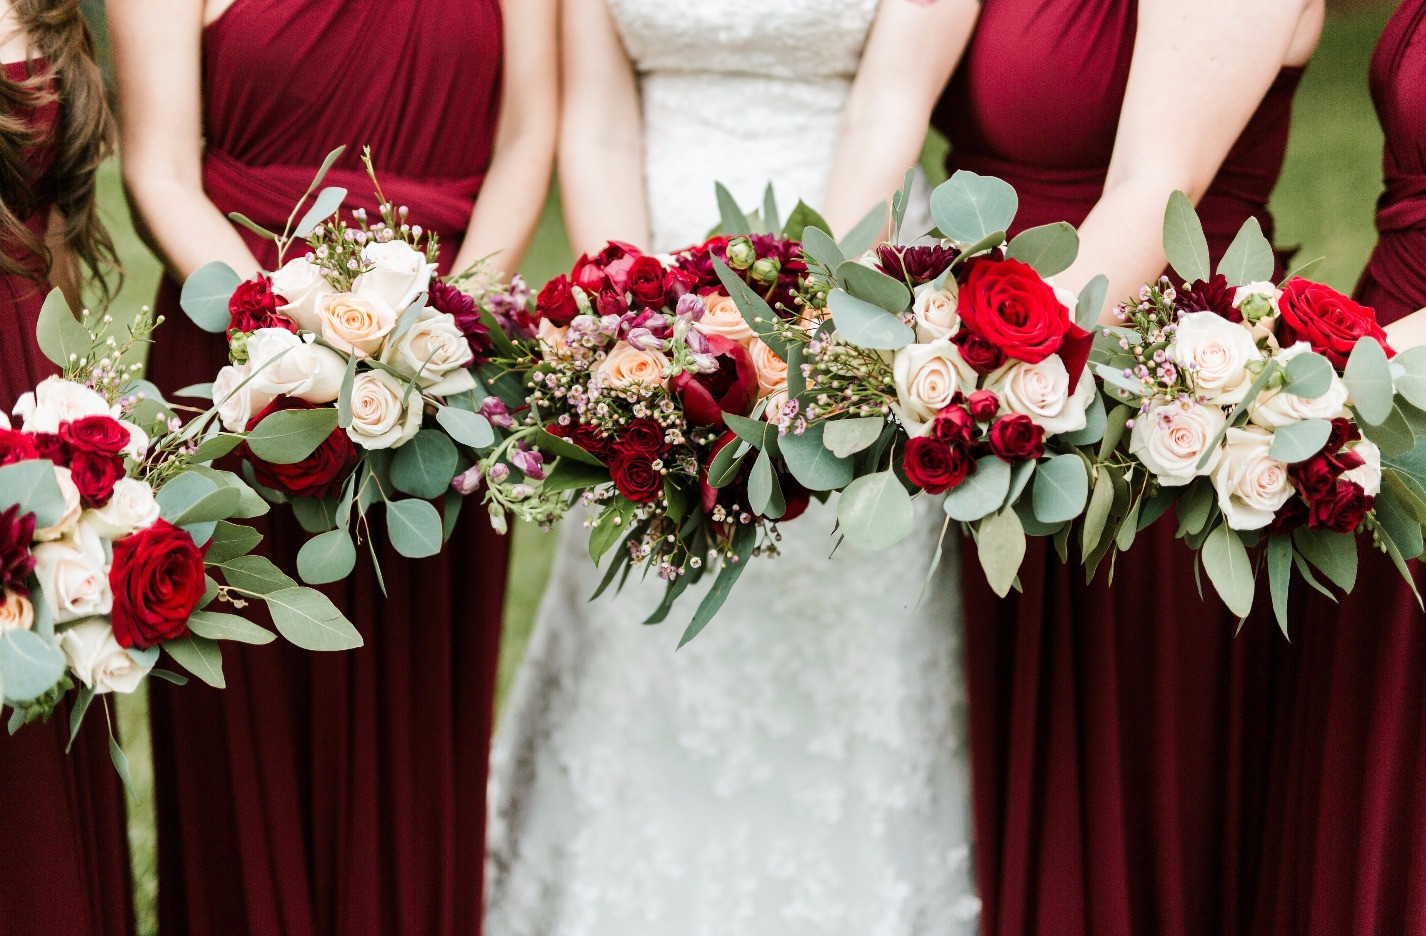 Le Fleur Atelier bridemaids bouquets